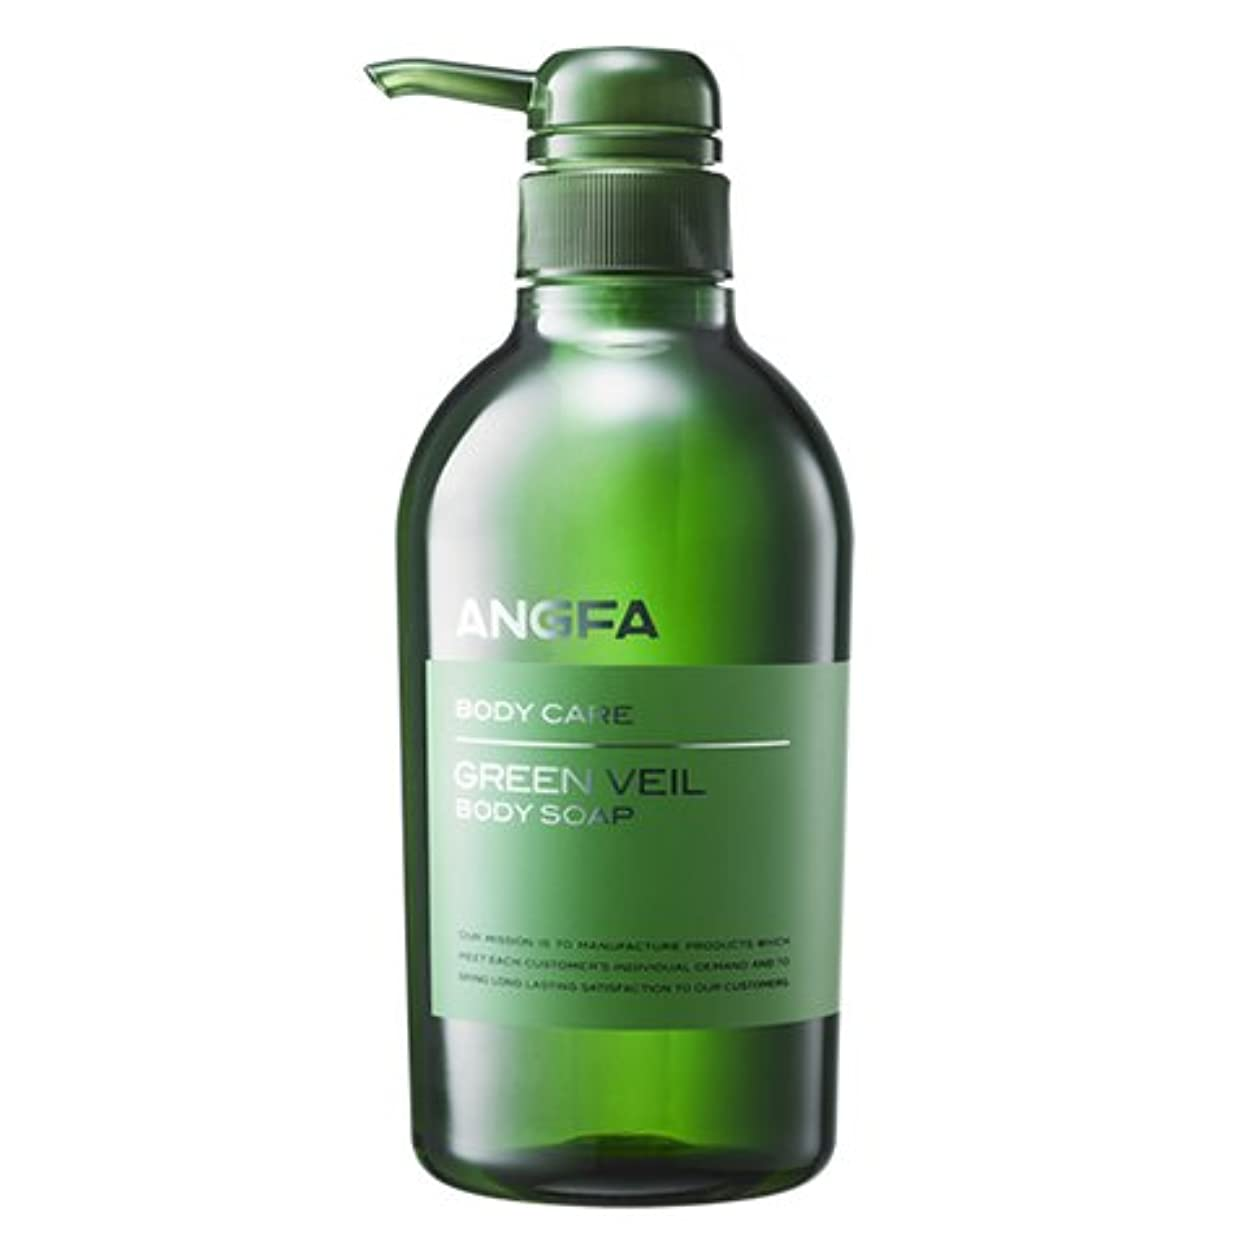 再開報奨金無条件アンファー (ANGFA) グリーンベール 薬用ボディソープ 500ml グリーンフローラル [乾燥?保湿] かゆみ肌